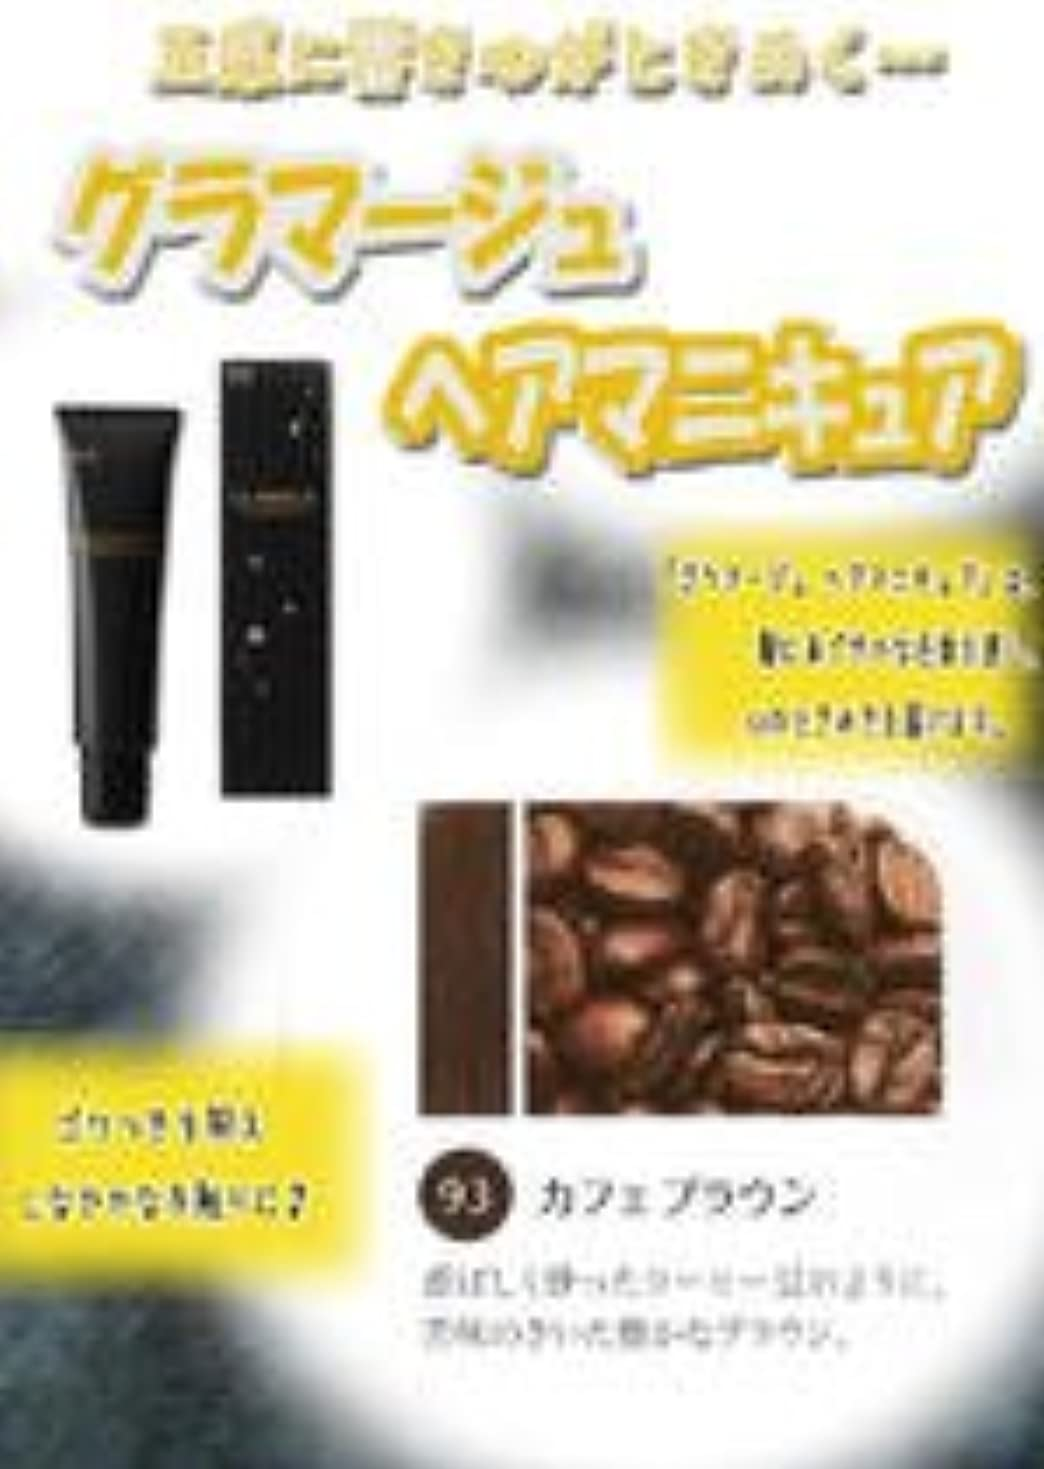 複雑な光沢集中HOYU ホーユー グラマージュ ヘアマニキュア 93 カフェブラウン 150g 【ブラウン系】